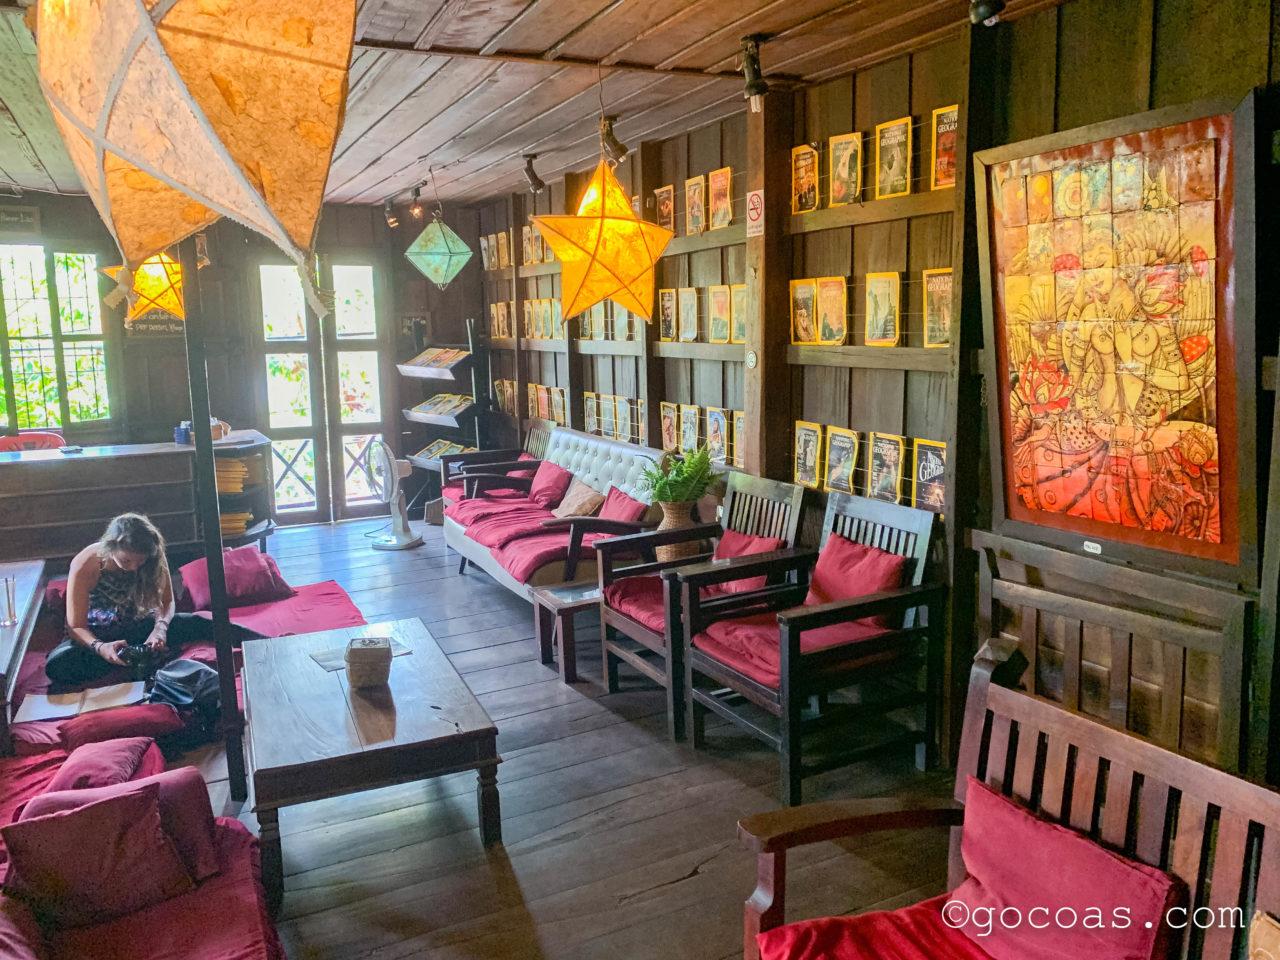 L'Etranger Books & Teaの店内に並ぶ椅子とクッションに座る外国人女性